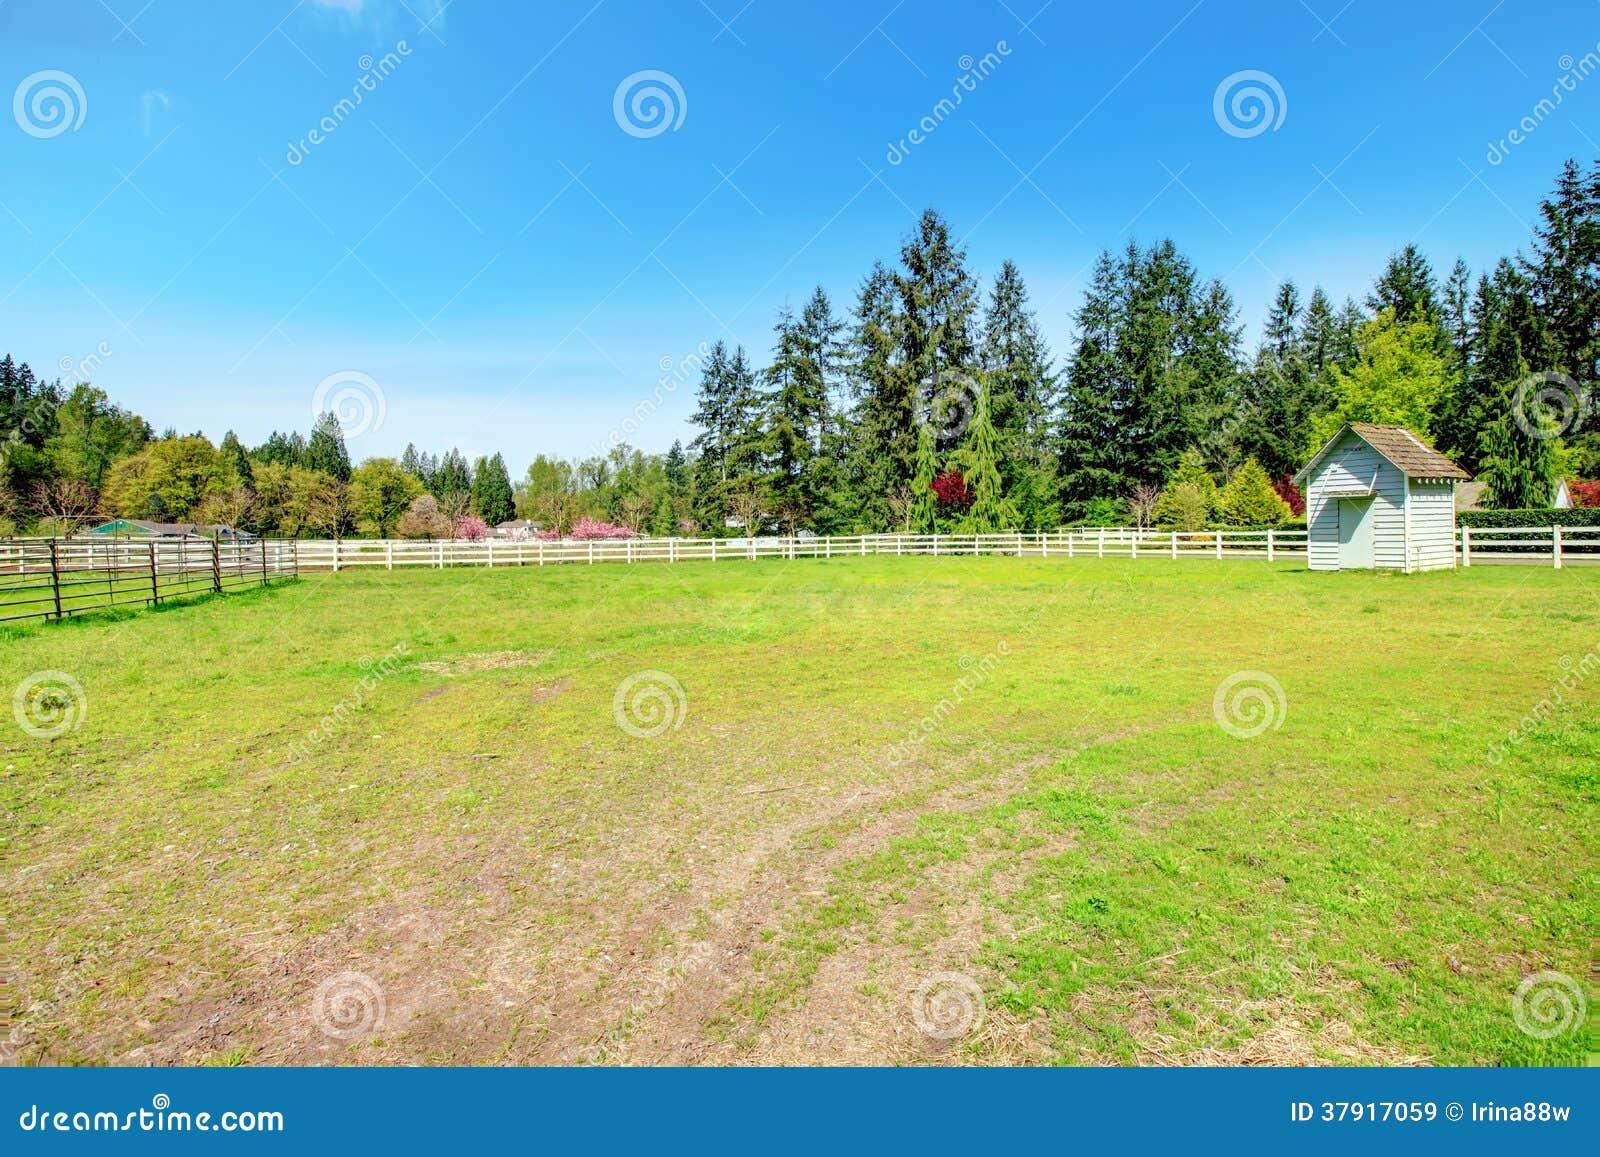 Wieś konia gospodarstwo rolne